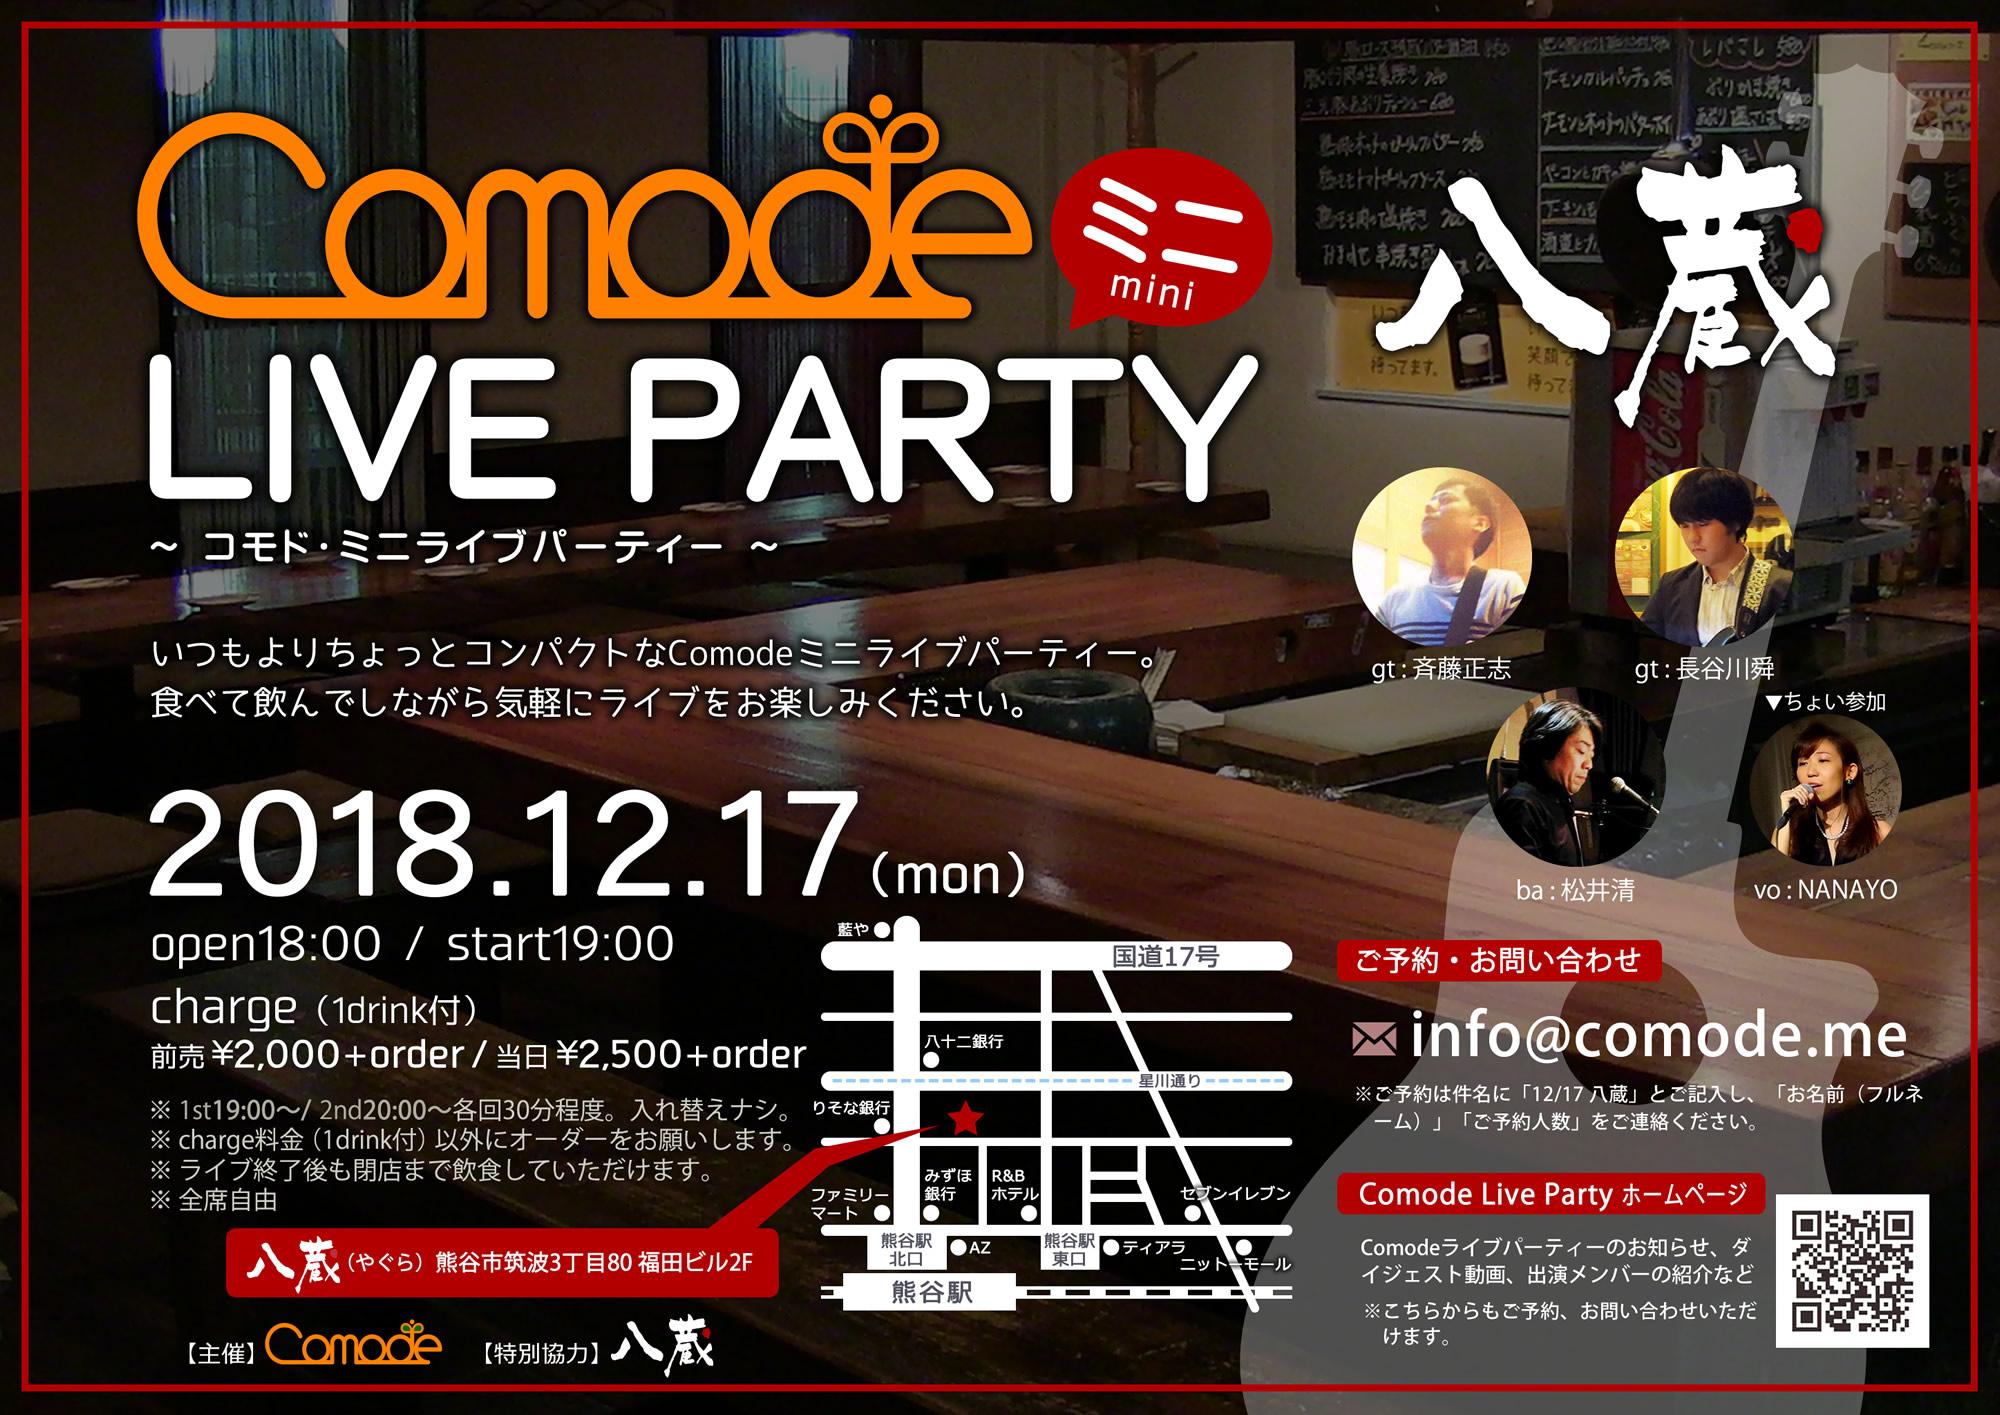 """12月17日 Comodeミニライブパーティー at 八蔵"""" height="""